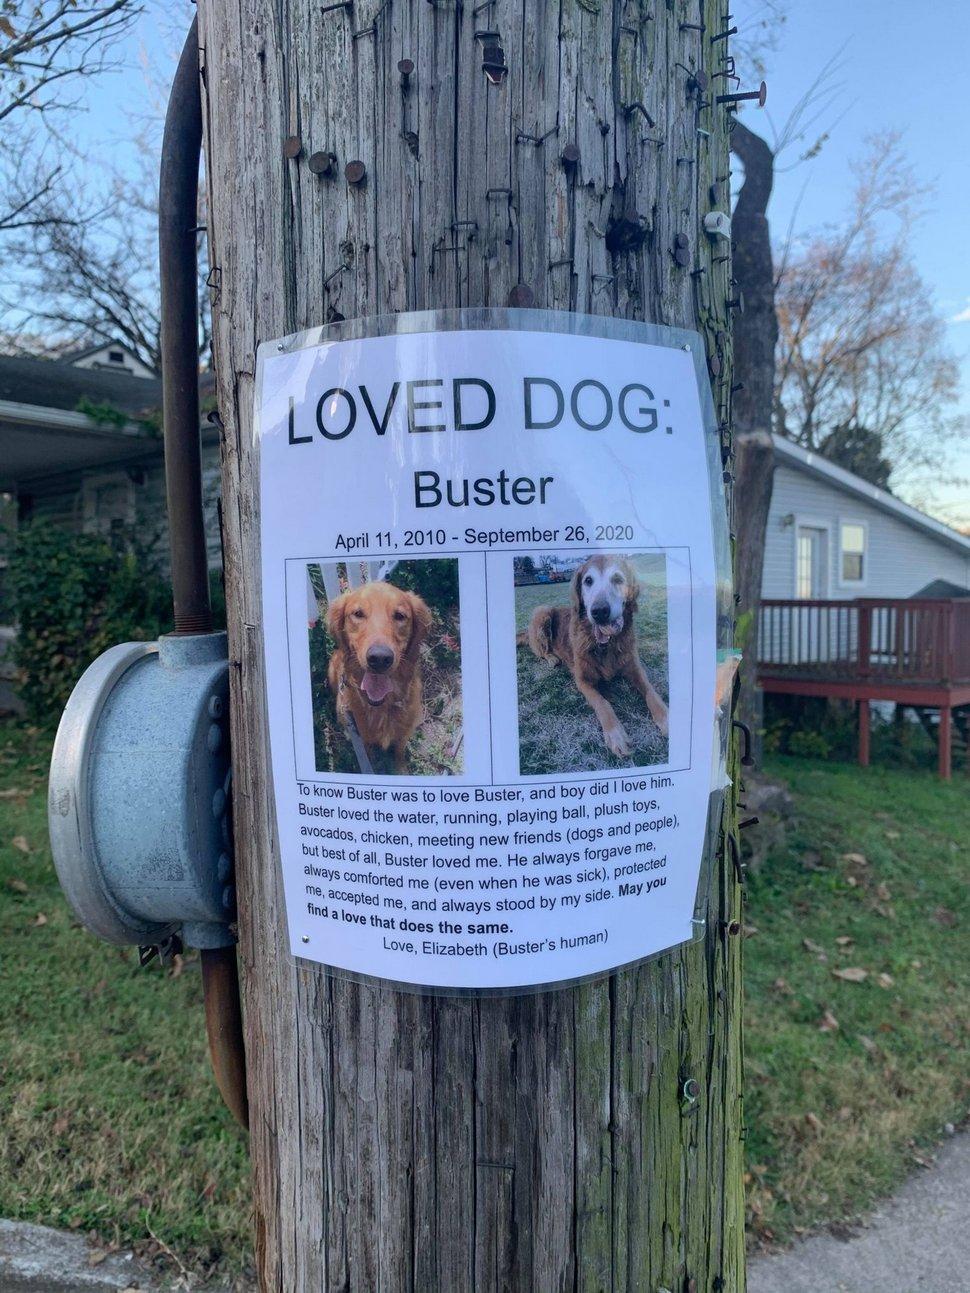 Une femme trouve la plus belle affiche de «chien perdu» qu'elle a jamais vue